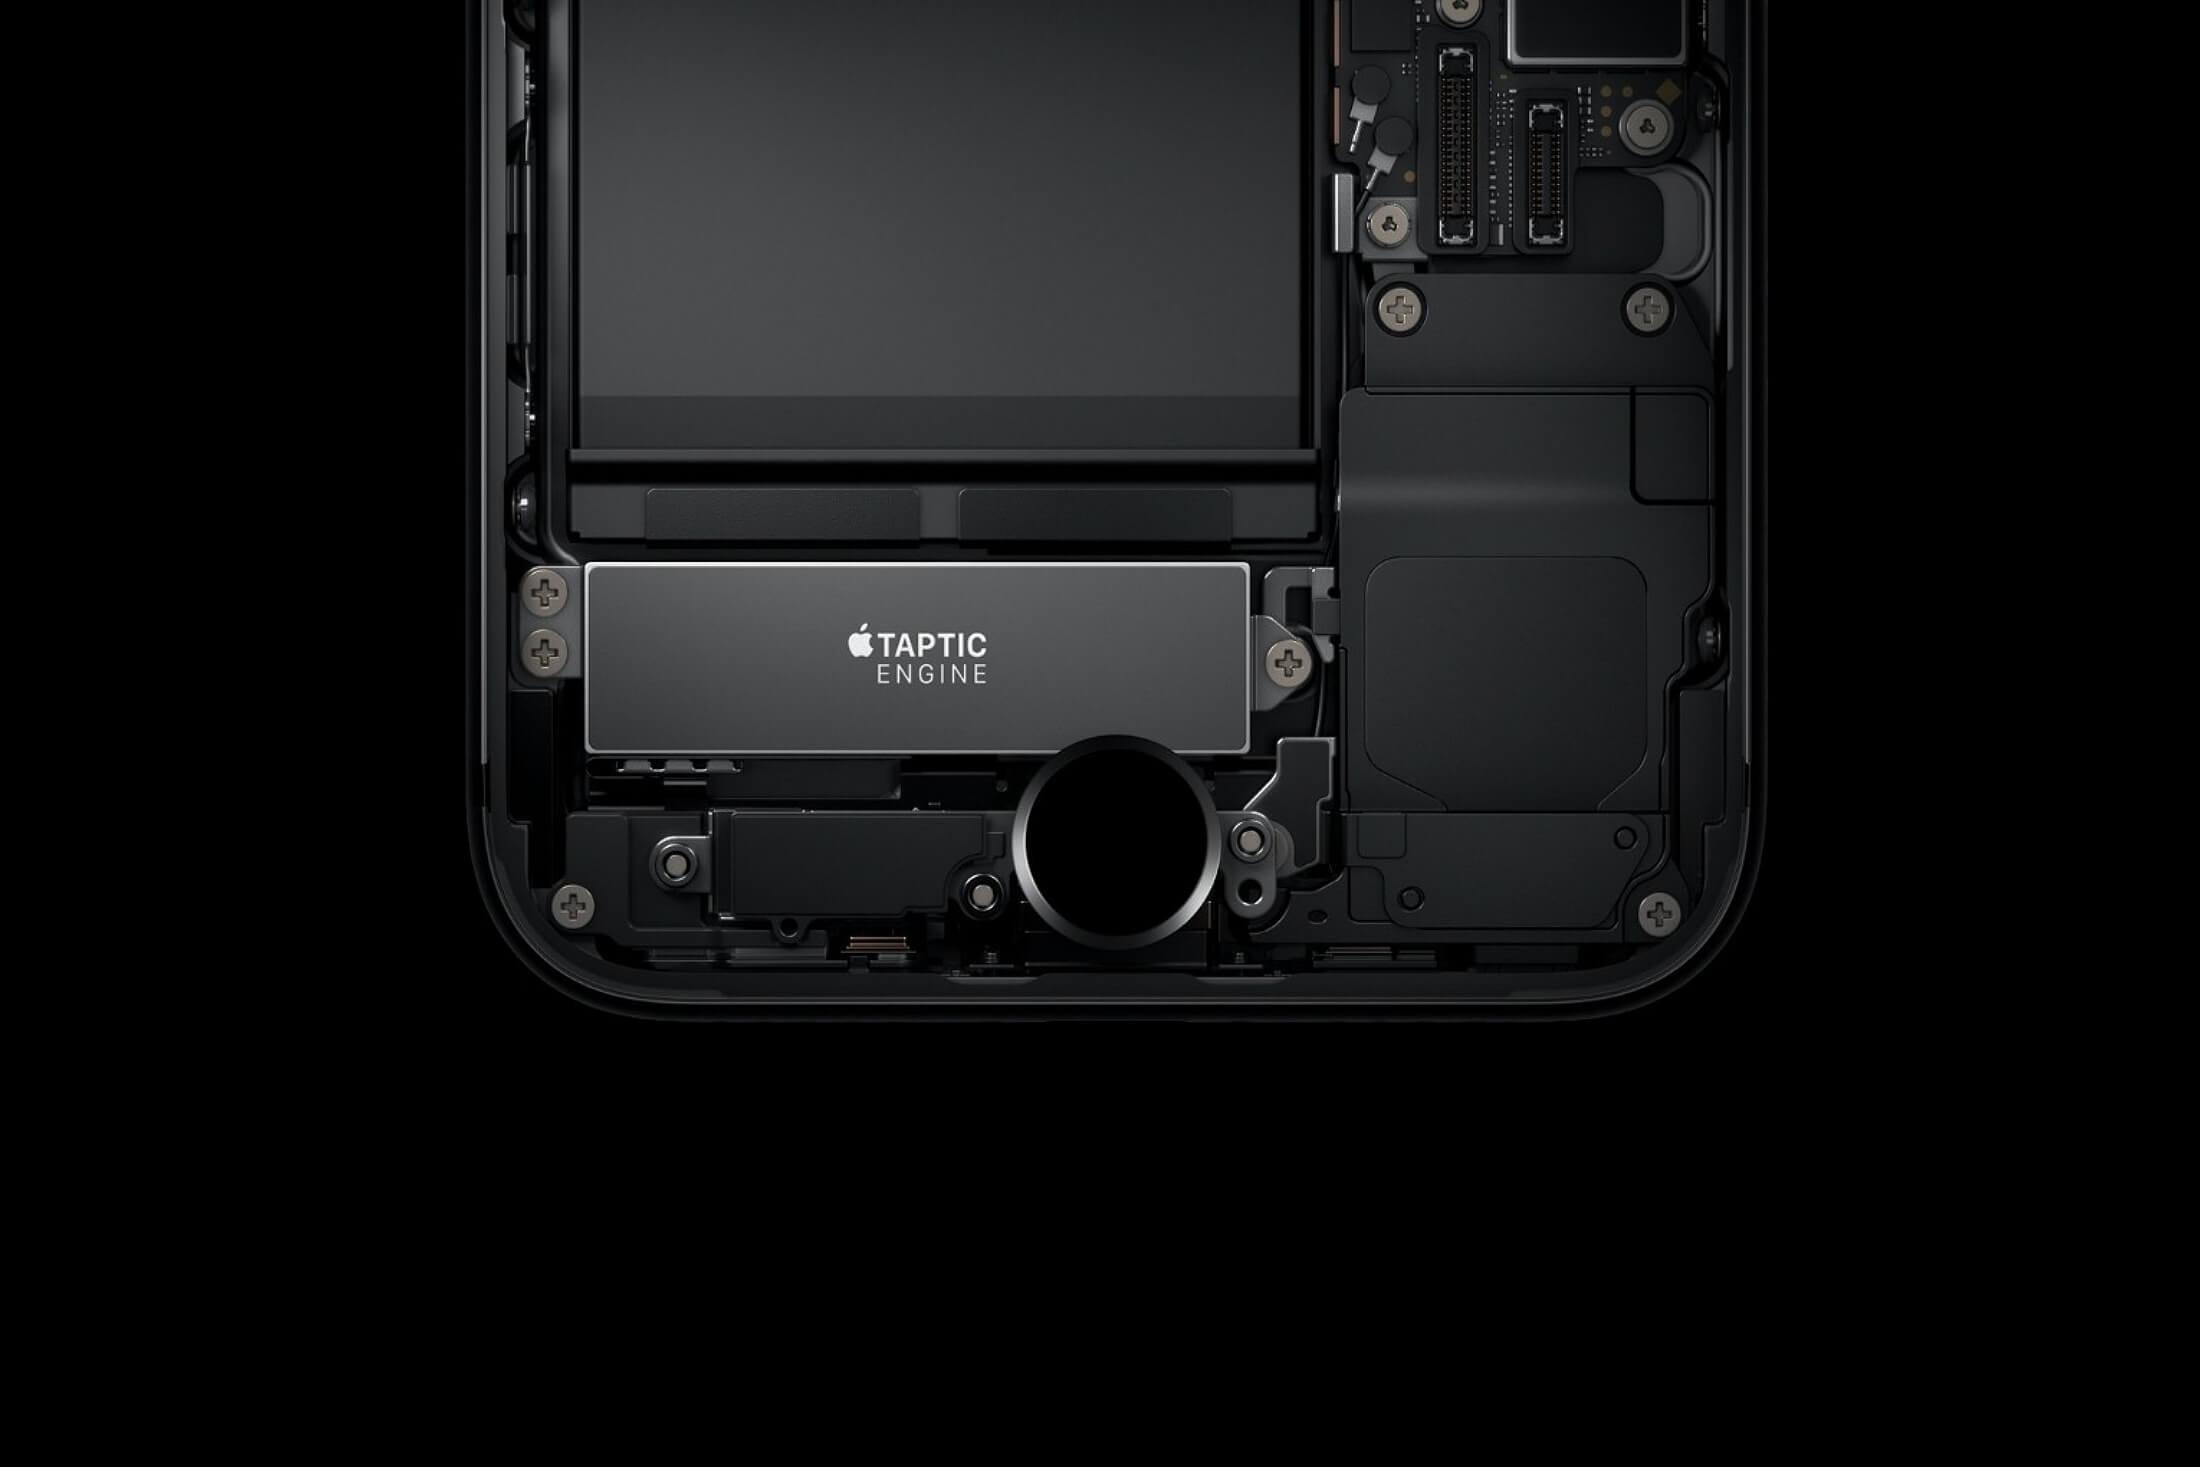 вибрация на смартфонах